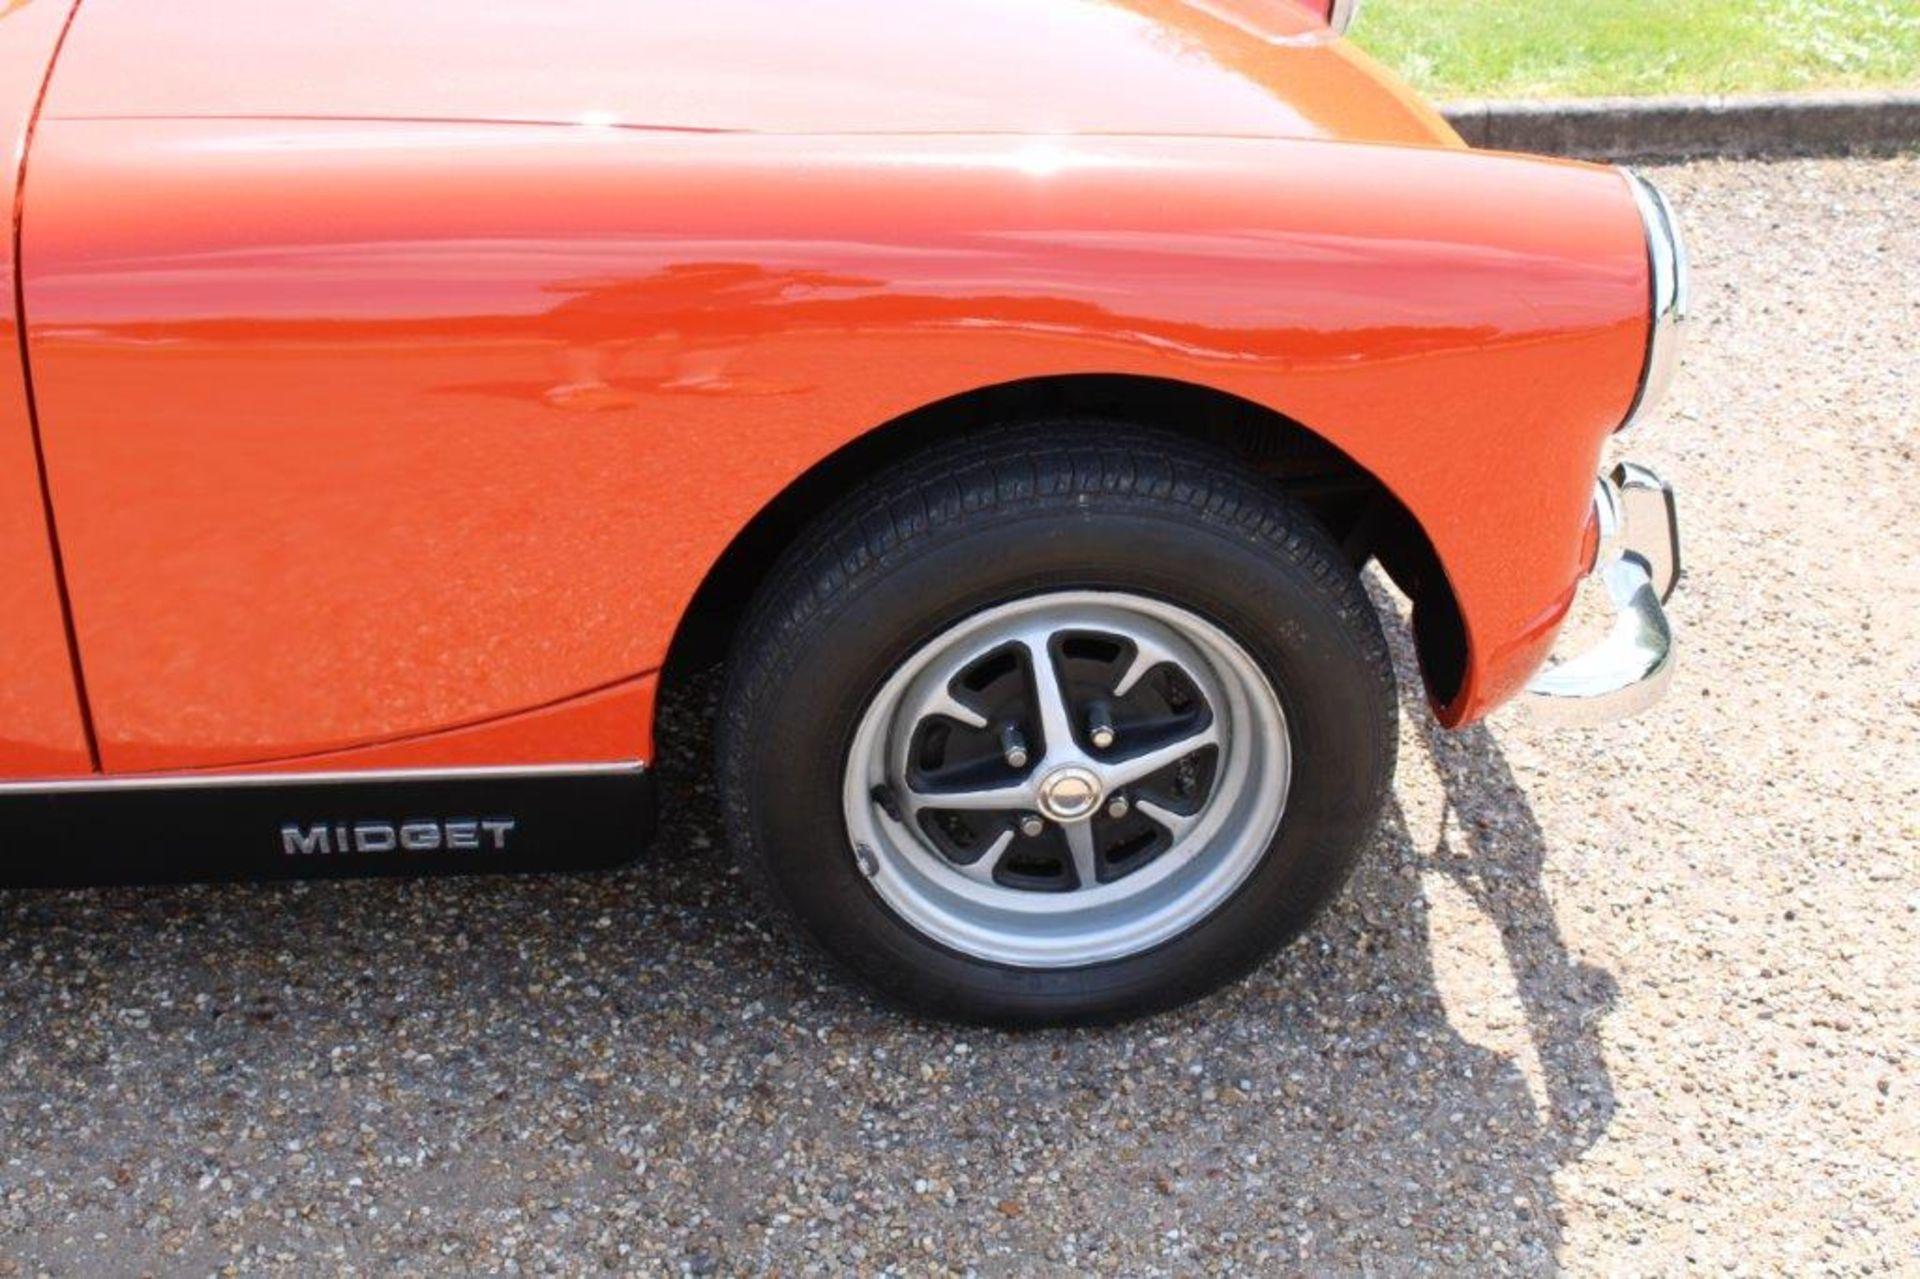 1974 MG Midget MK III - Image 10 of 30